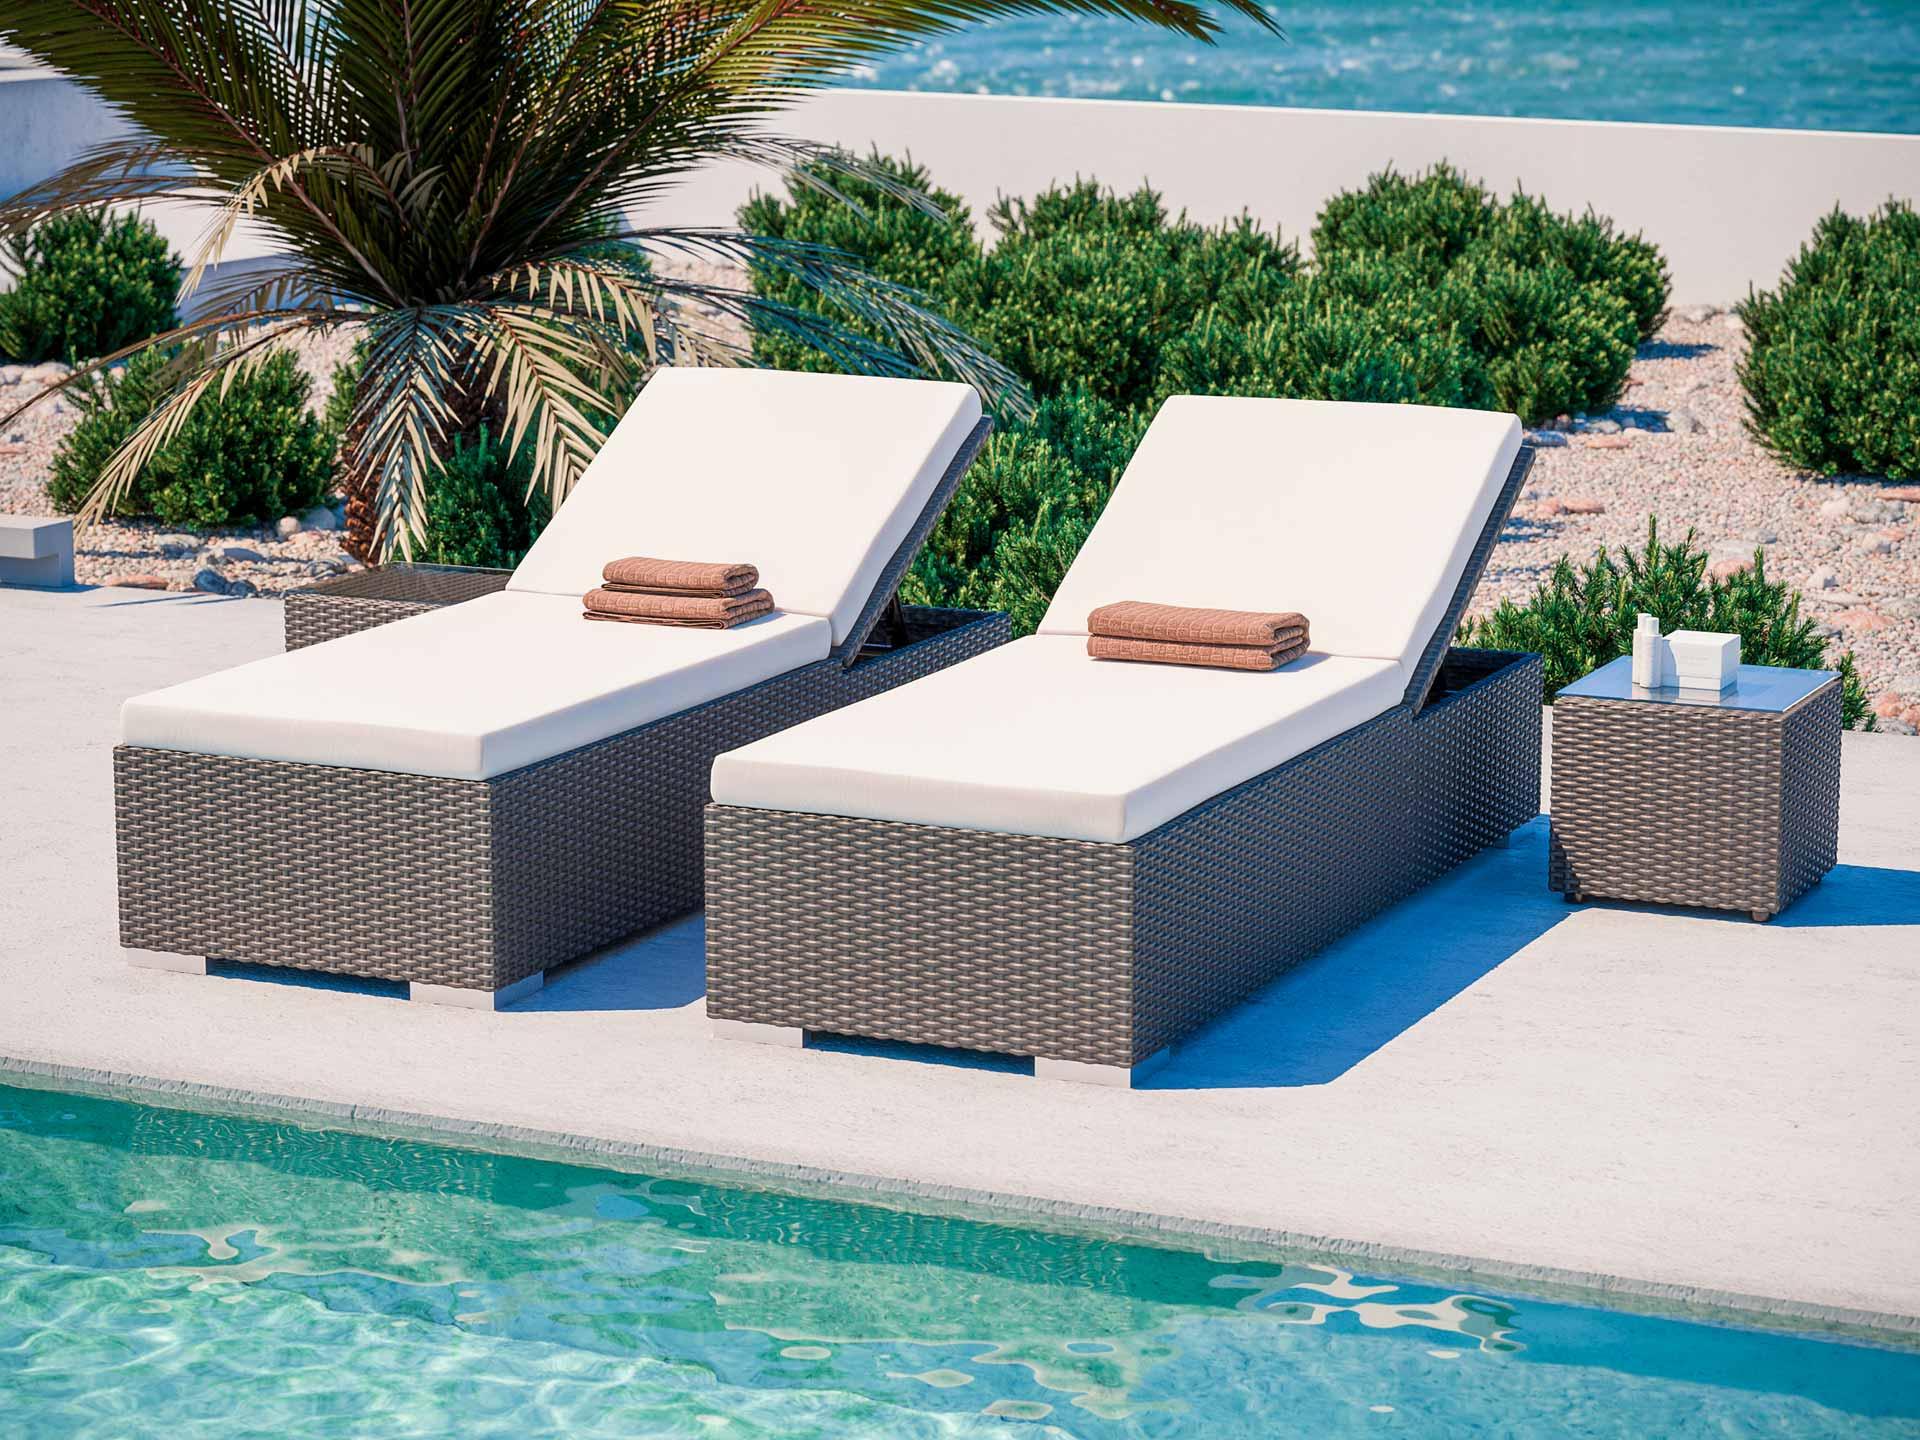 artelia rattan liegen likris l mit 2 beistelltischen aus polyrattan g nstig kaufen. Black Bedroom Furniture Sets. Home Design Ideas